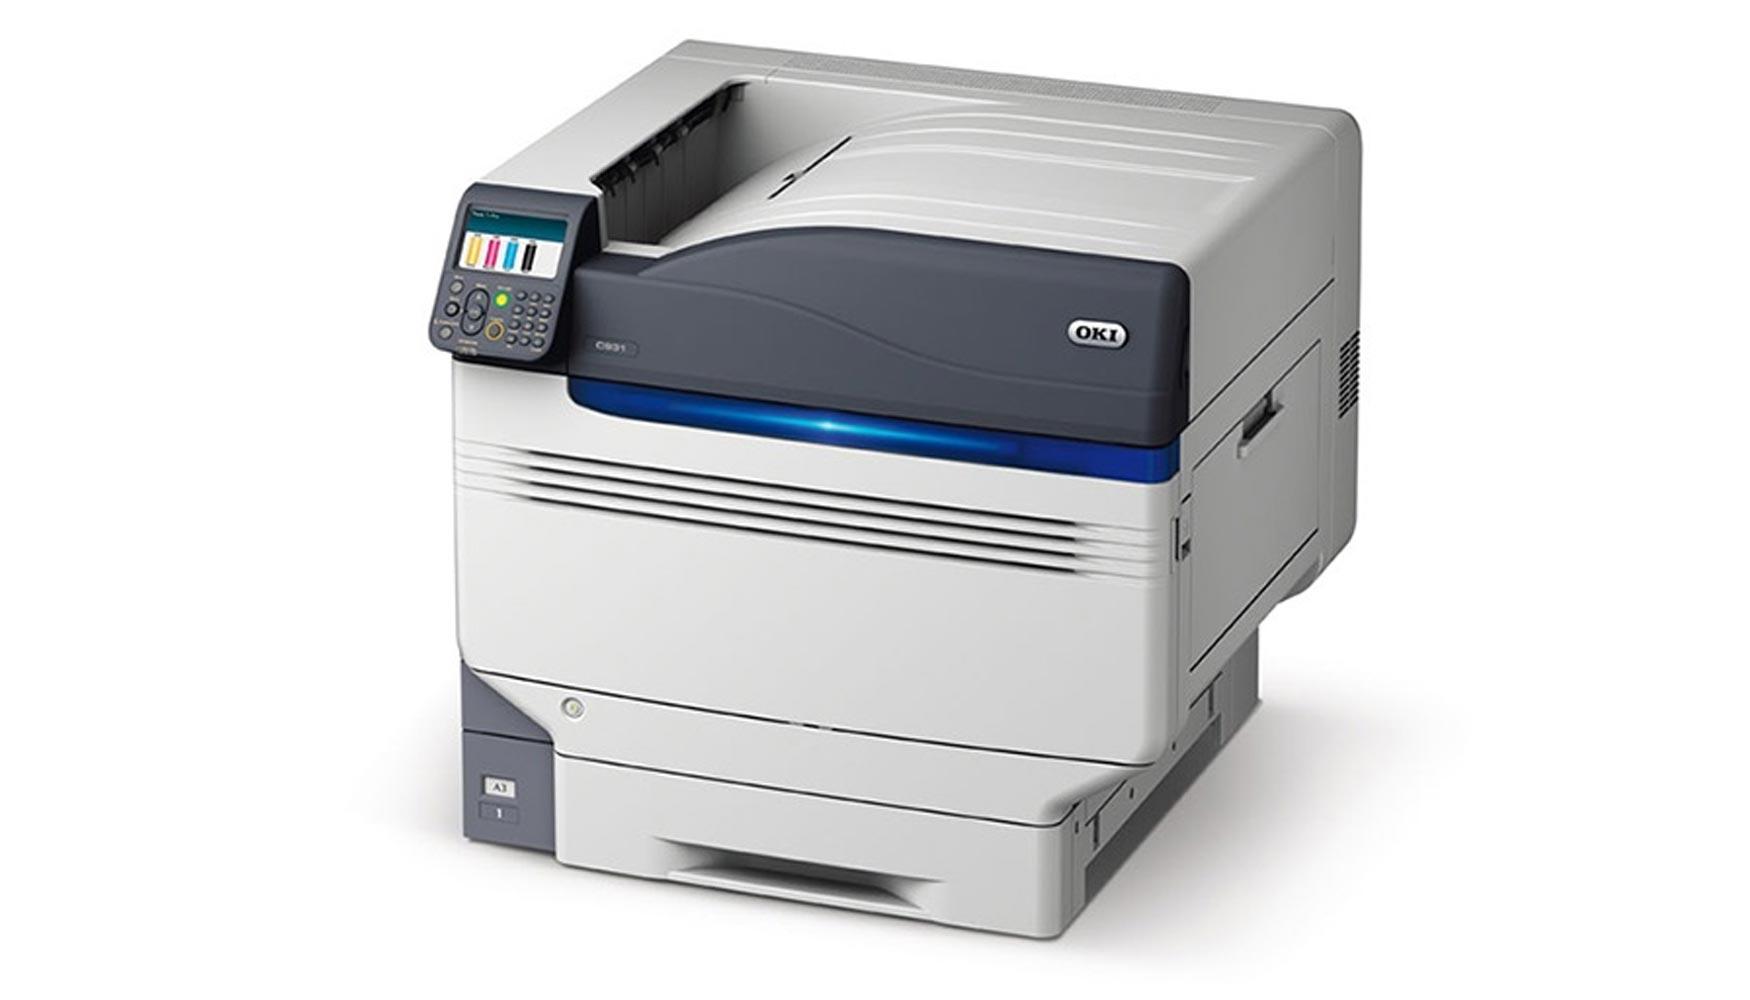 Stampante laser o inchiostro? Differenze tra stampanti 2